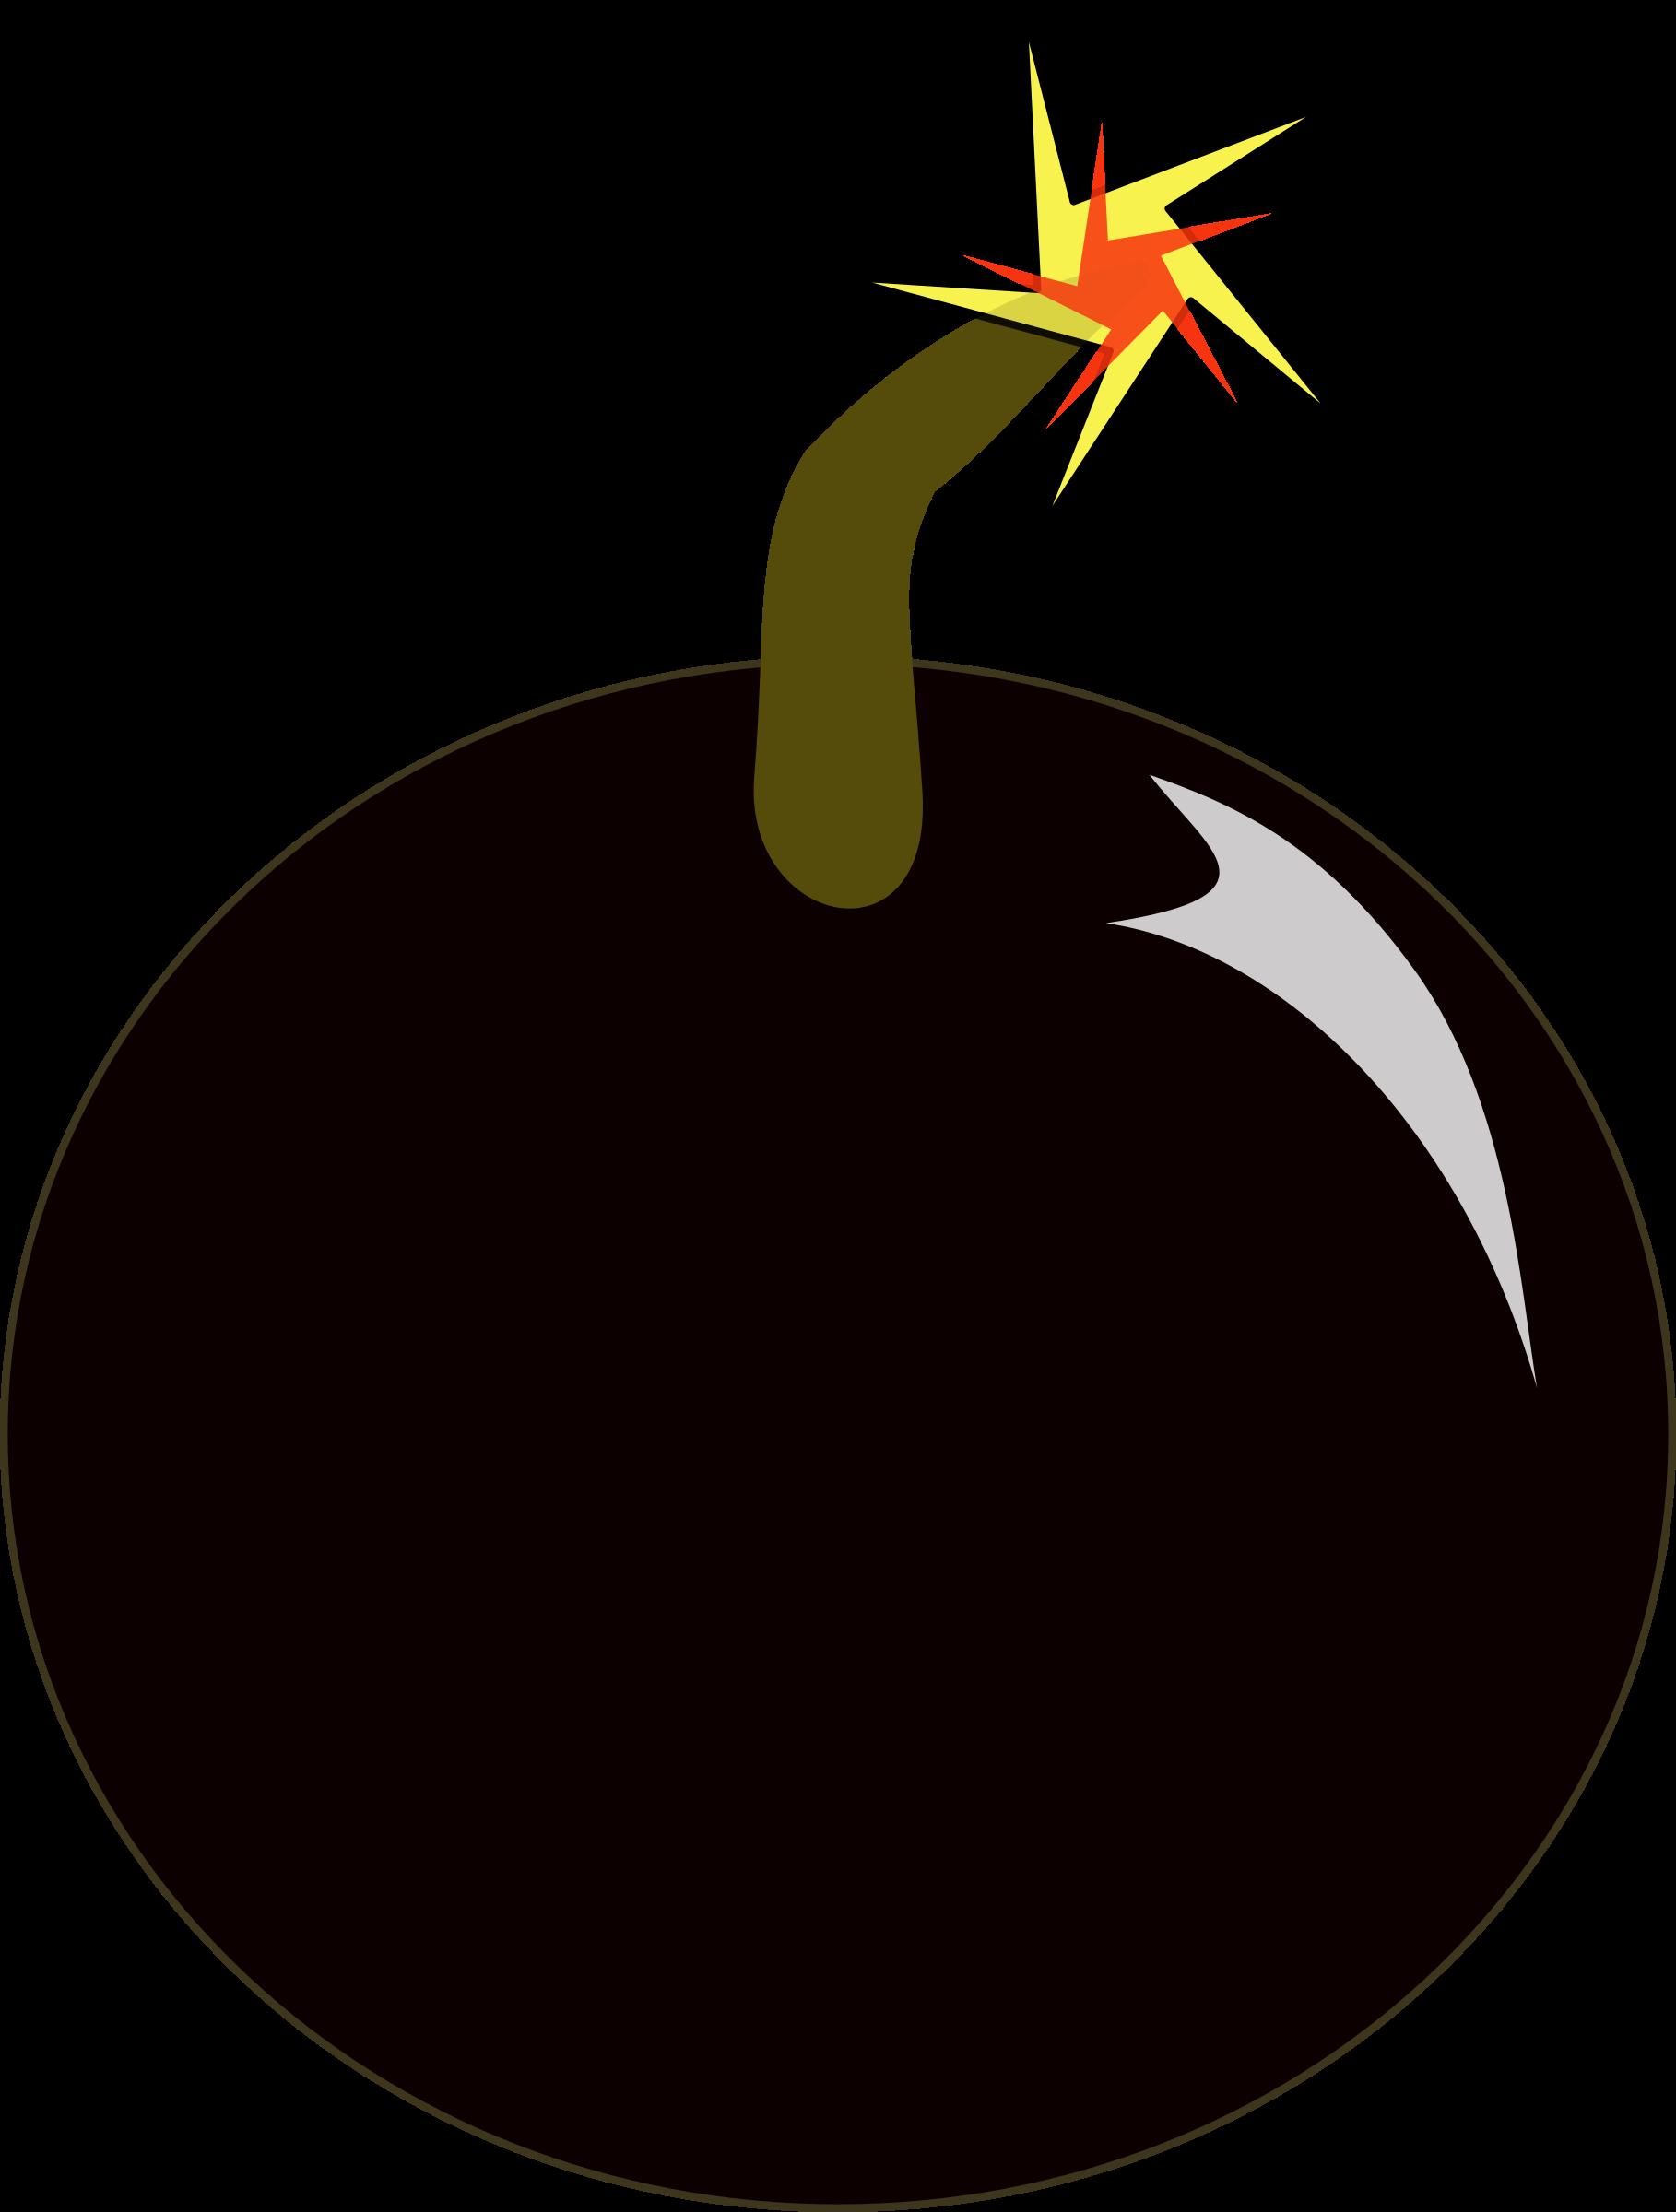 Bomb Clip Art. BIG IMAGE (PNG)-Bomb Clip Art. BIG IMAGE (PNG)-6